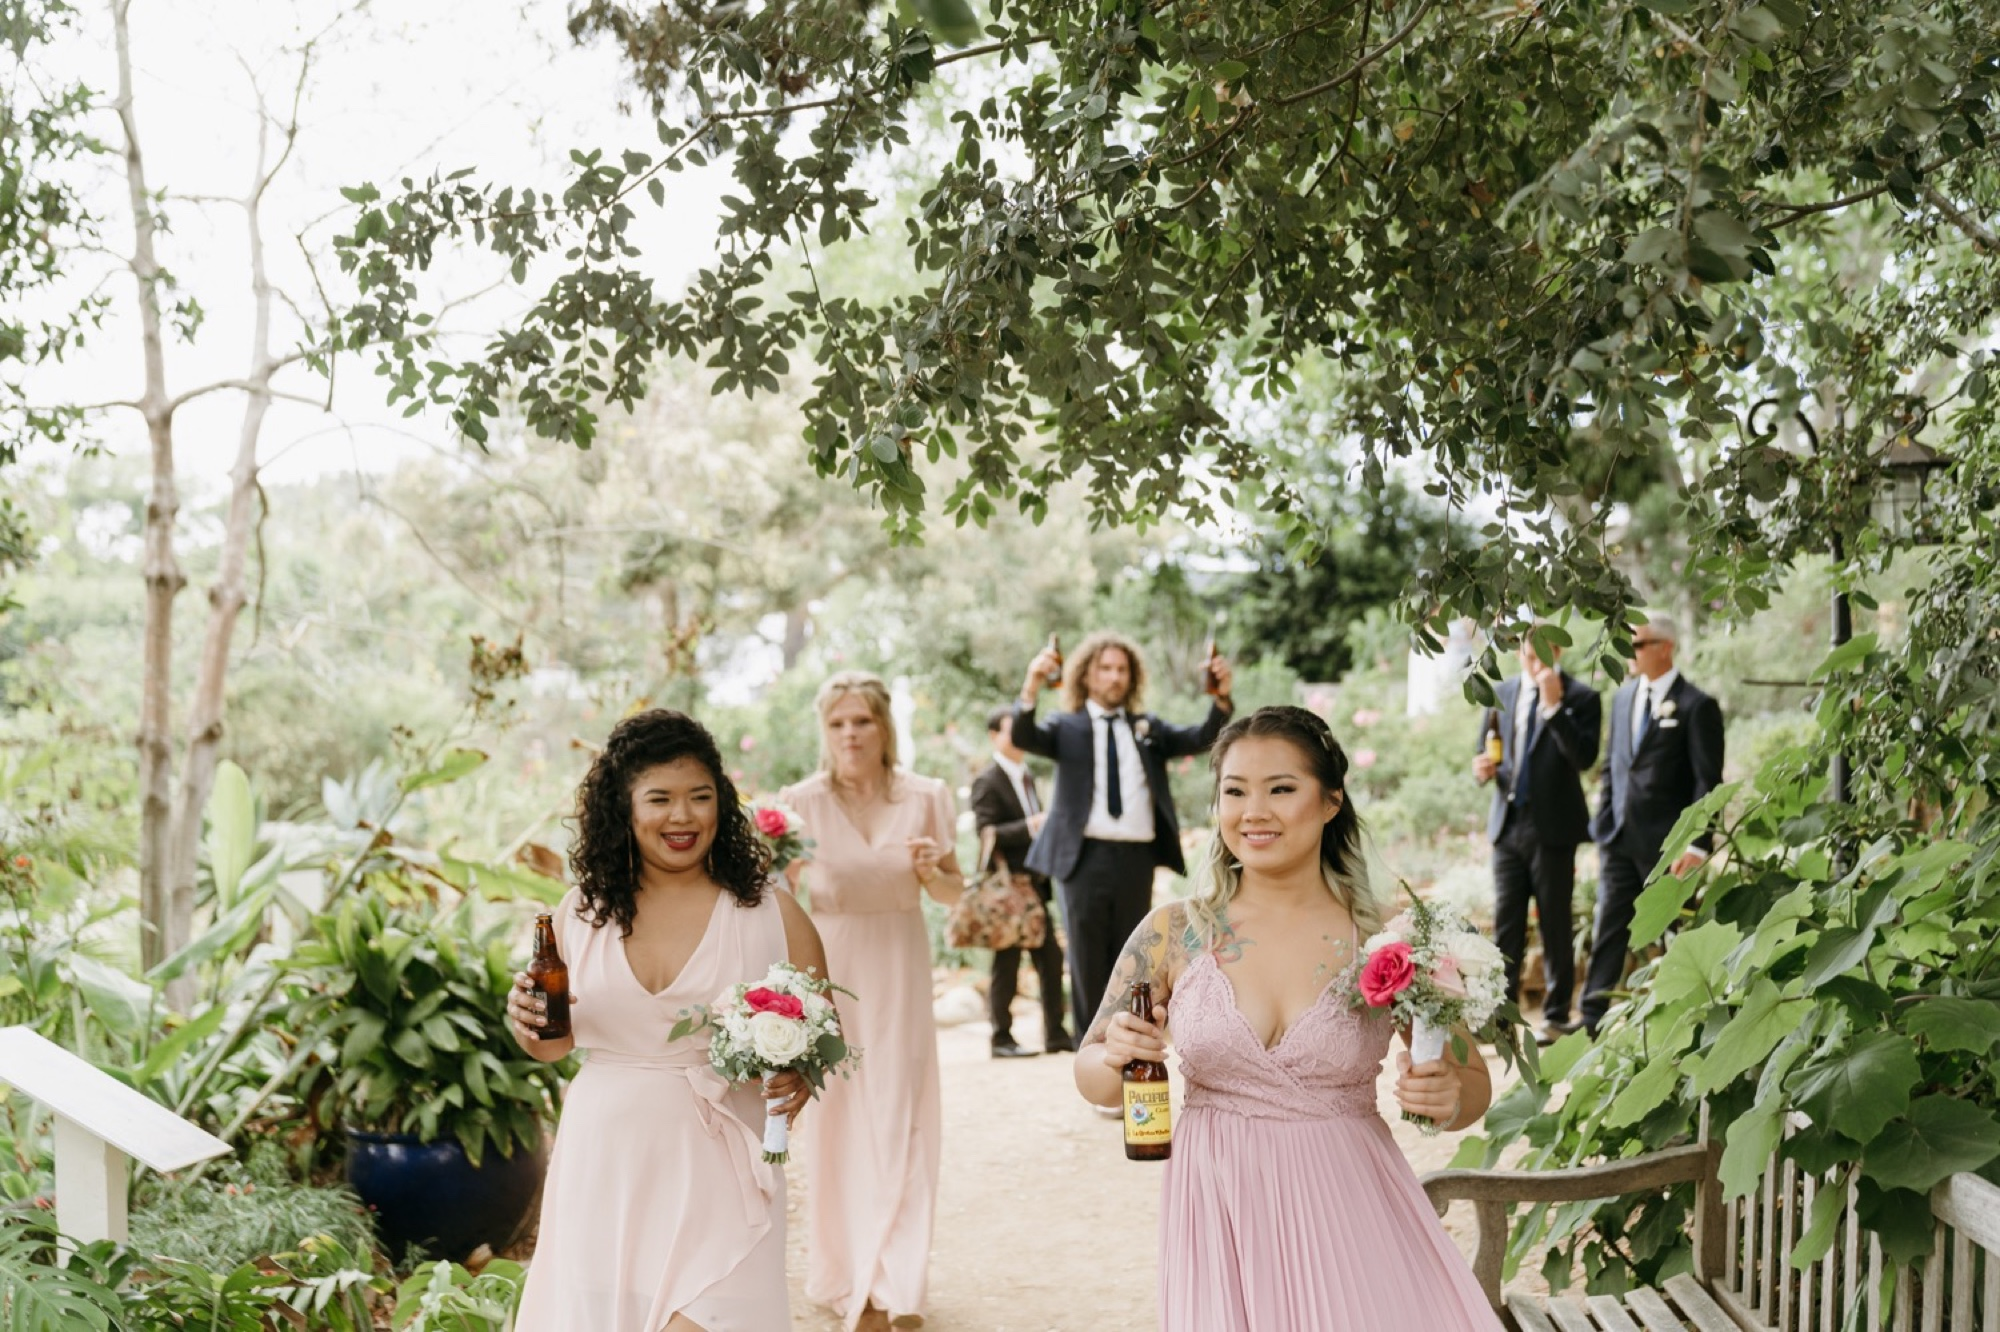 045_Shawna and Steve's Wedding-278.jpg